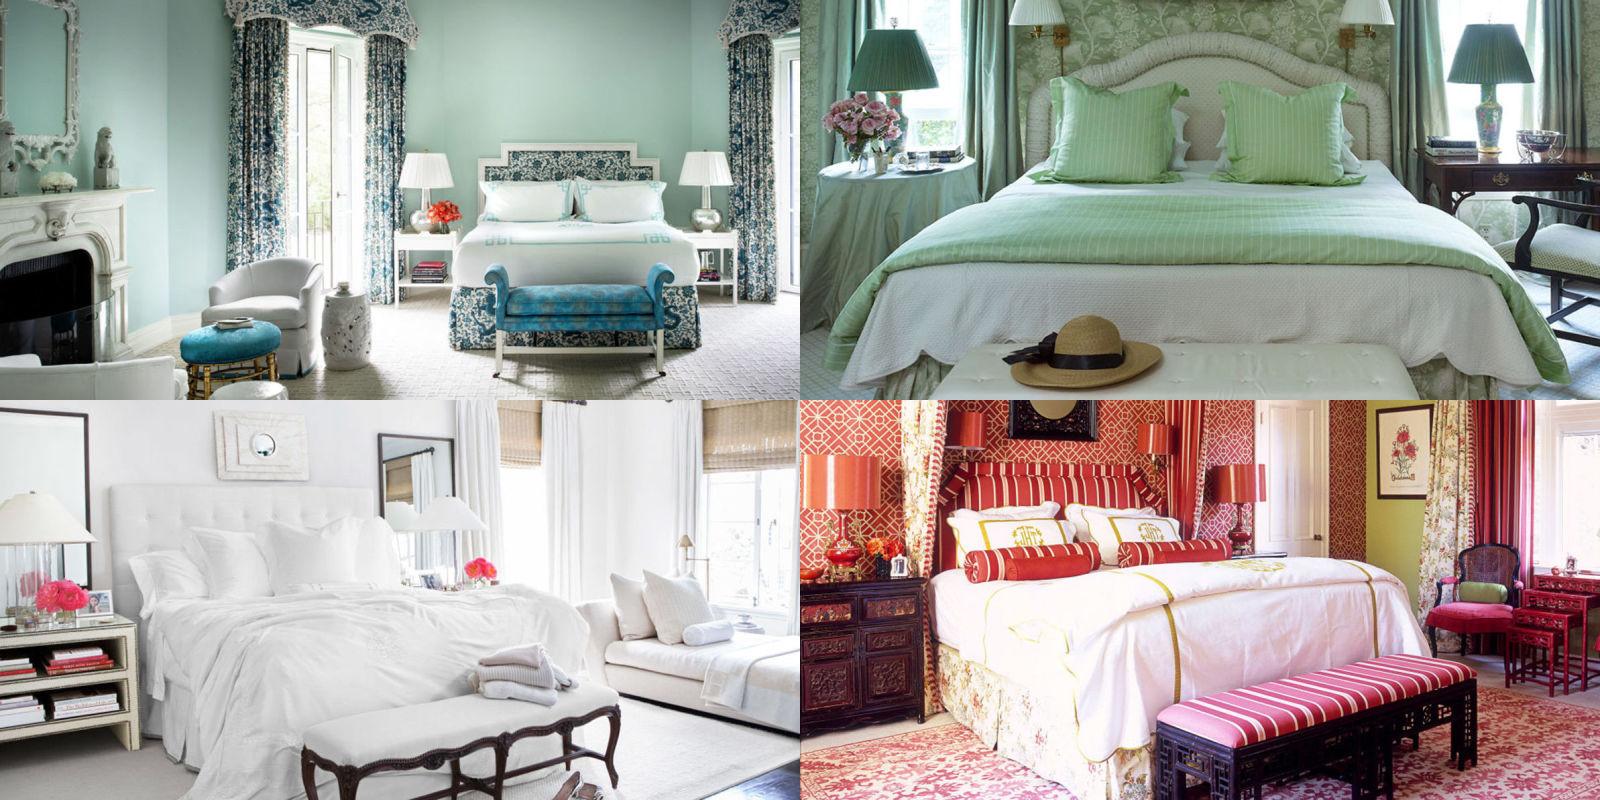 Cosa dice di te il colore della tua camera da letto - Colore della camera da letto ...